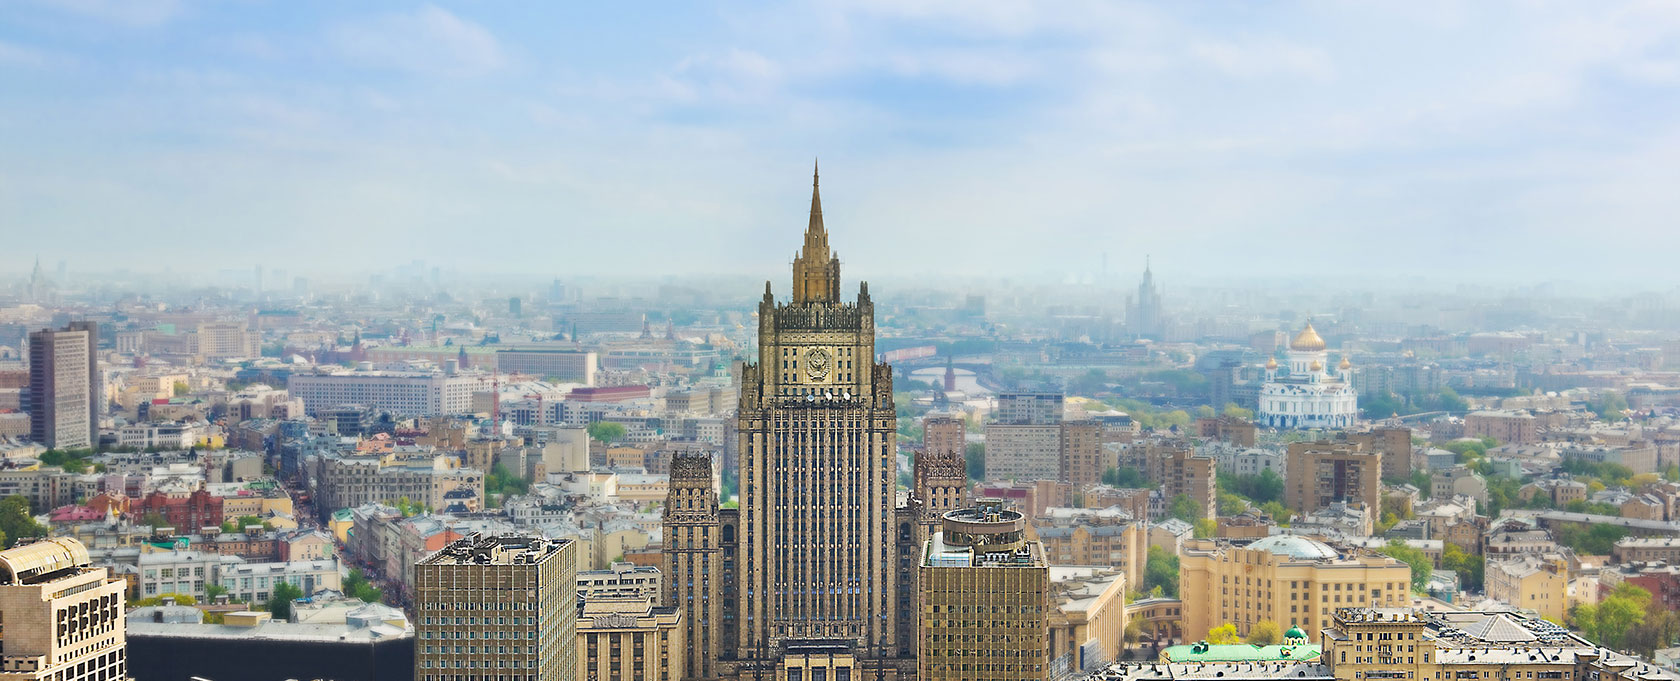 Россия крайне обеспокоена безответственными заявлениями США о возможном применении силы в Сирии - МИД РФ